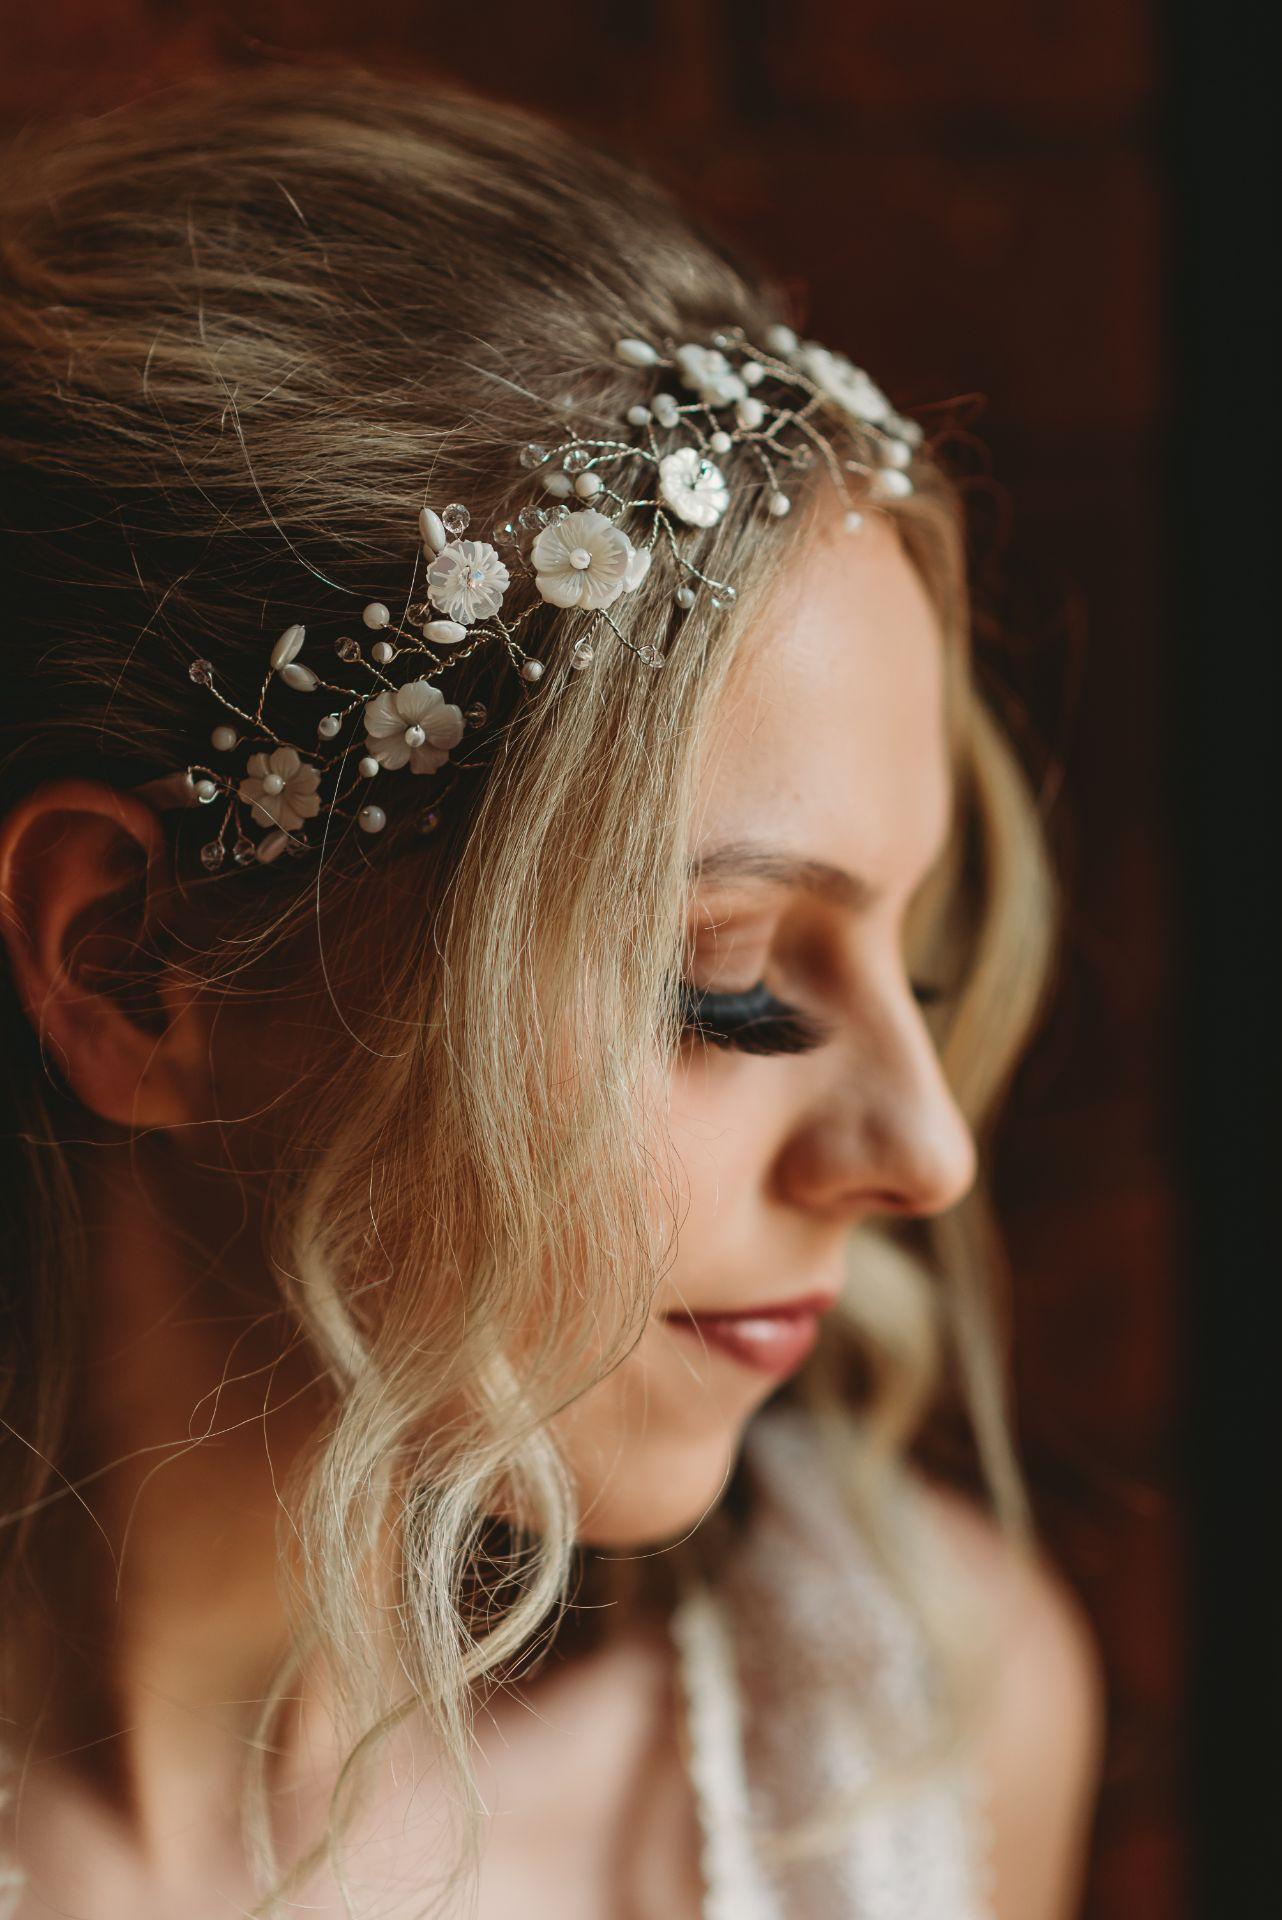 Manchester, urban bride, manchester wedding, manchester bride, mua, makeup artist, edgy makeup, makeup artist Manchester, killer lashes